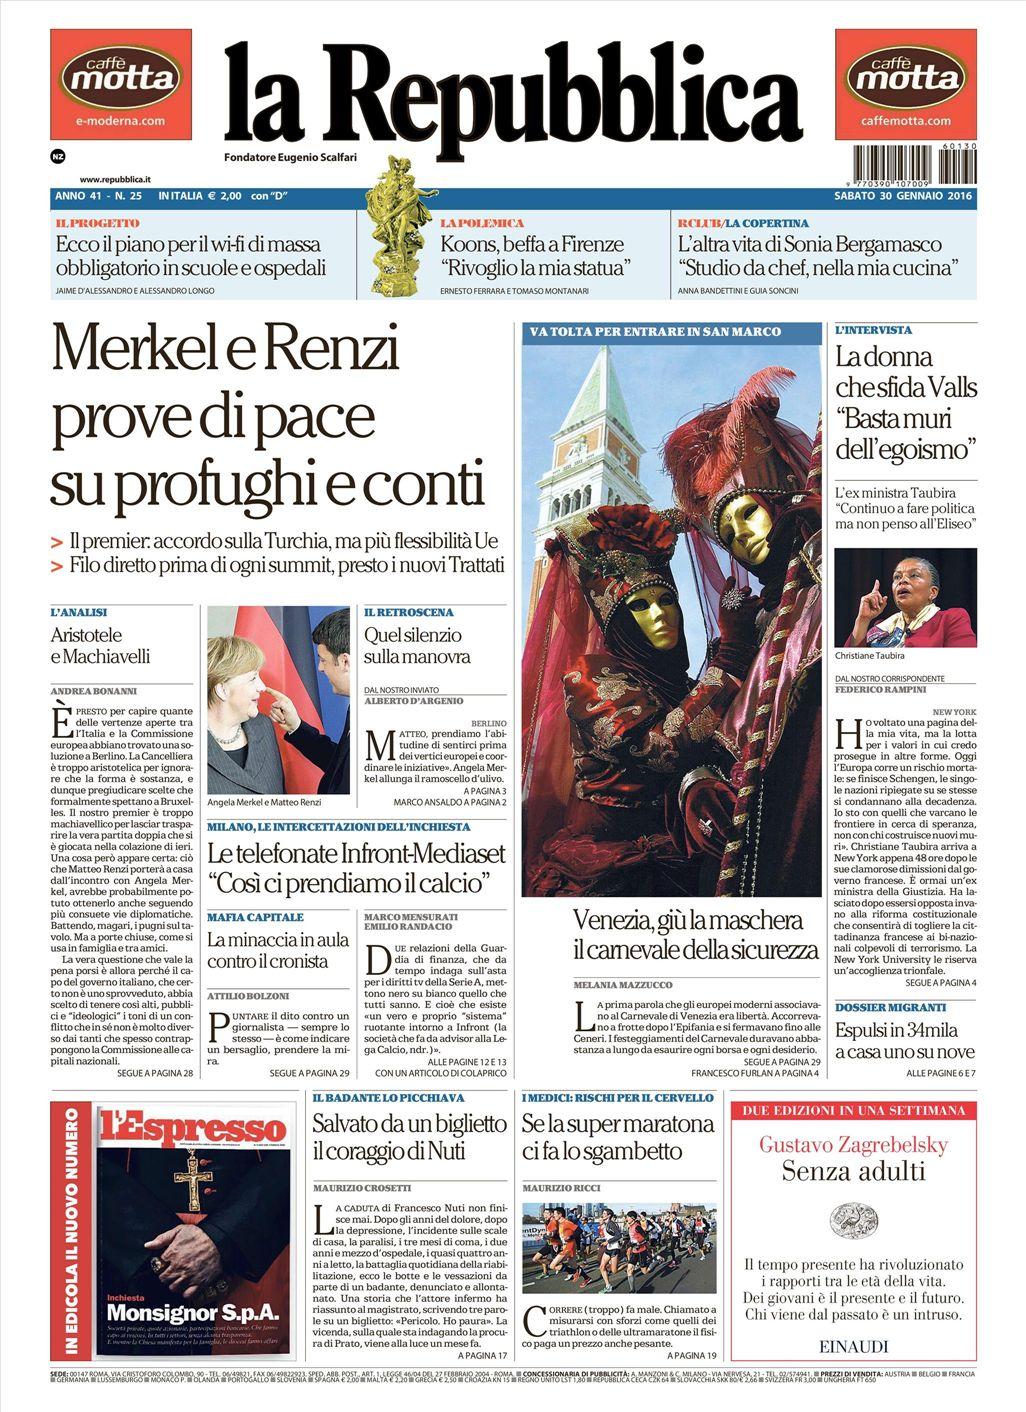 La Repubblica It Nel 2019: Le Prime Pagine Dei Quotidiani Che Sono In Edicola Oggi 30